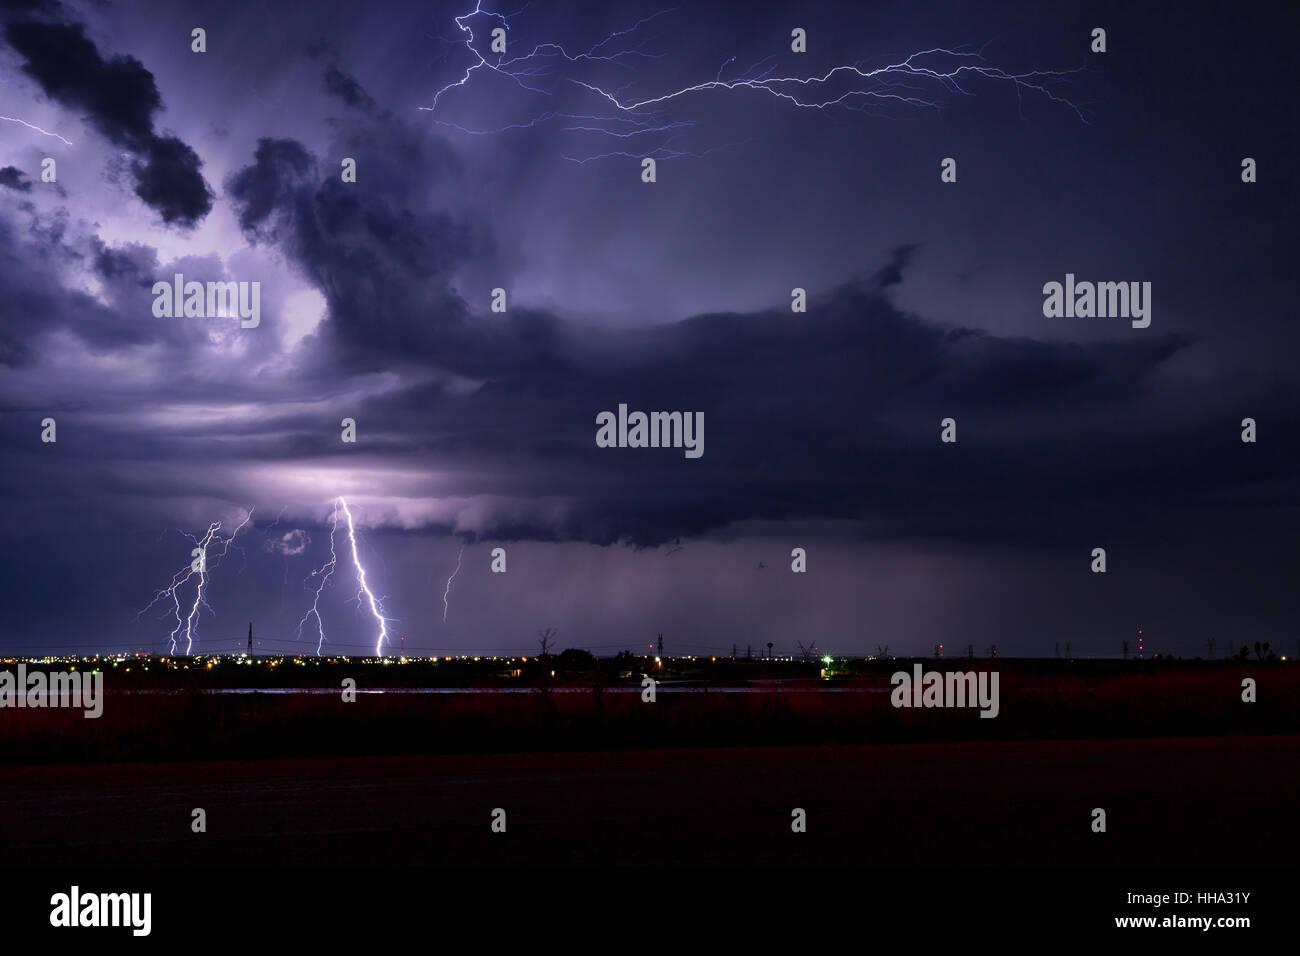 El cielo lleno de relámpagos durante una tormenta de verano en Snyder, Texas. Foto de stock